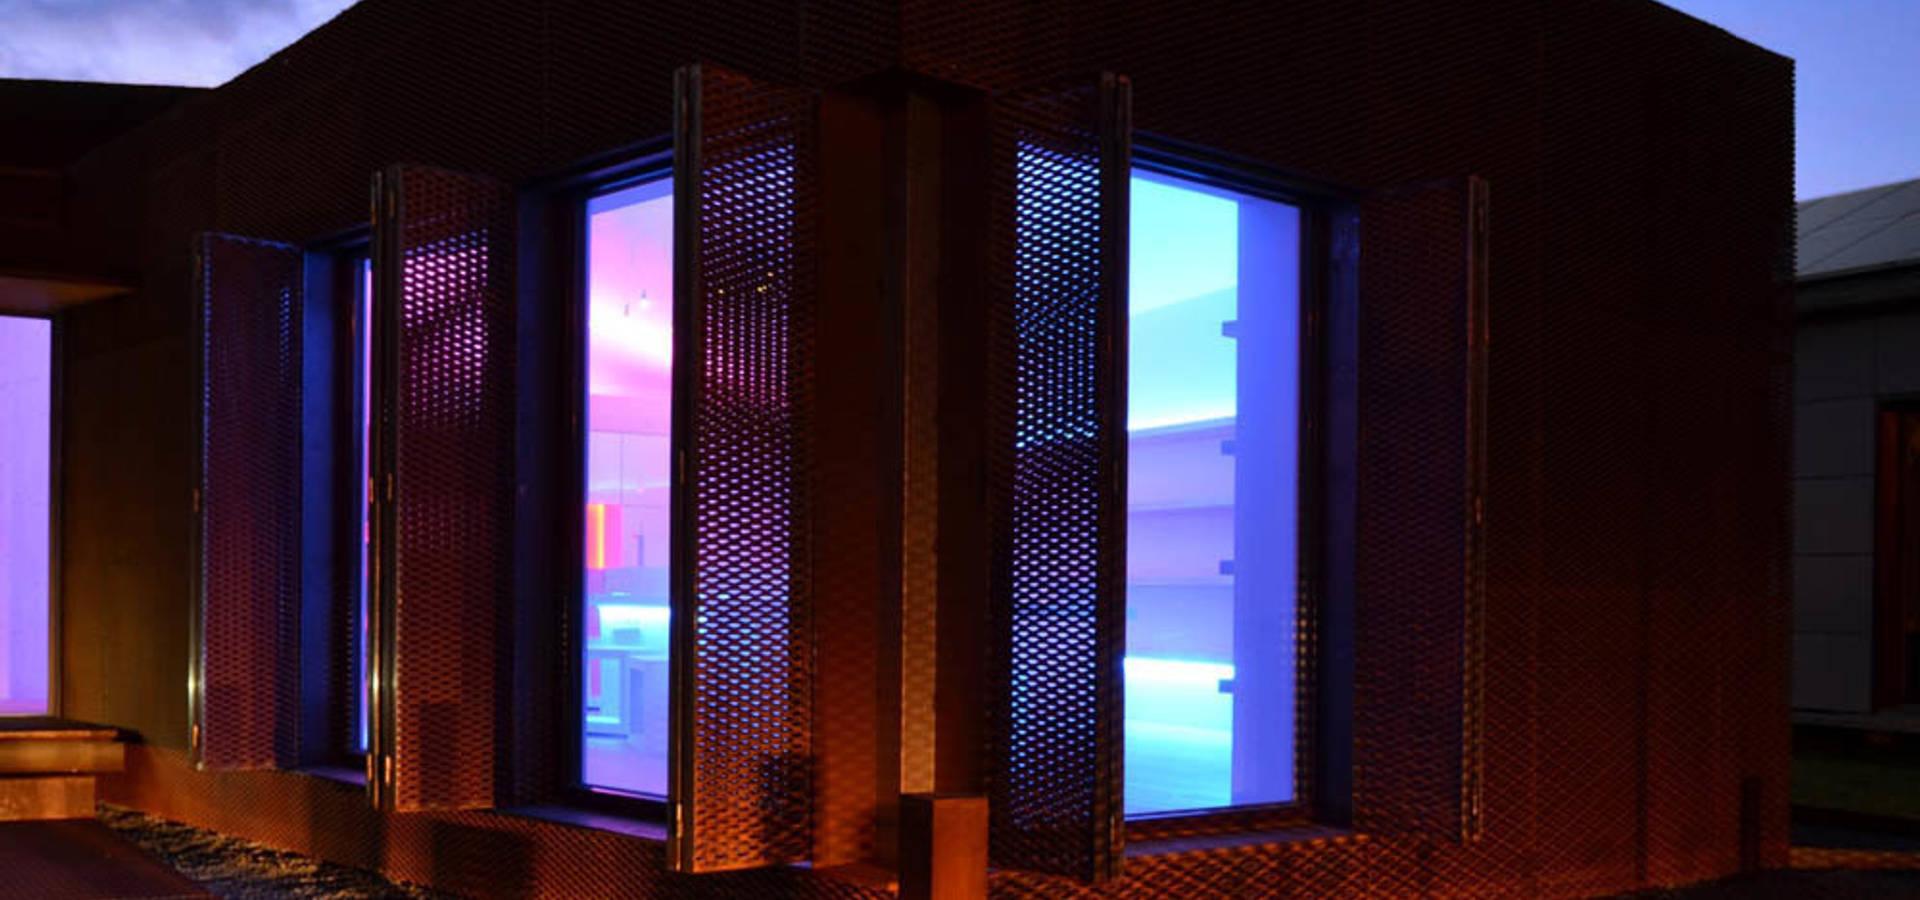 bucher h ttinger architektur innen architektur. Black Bedroom Furniture Sets. Home Design Ideas